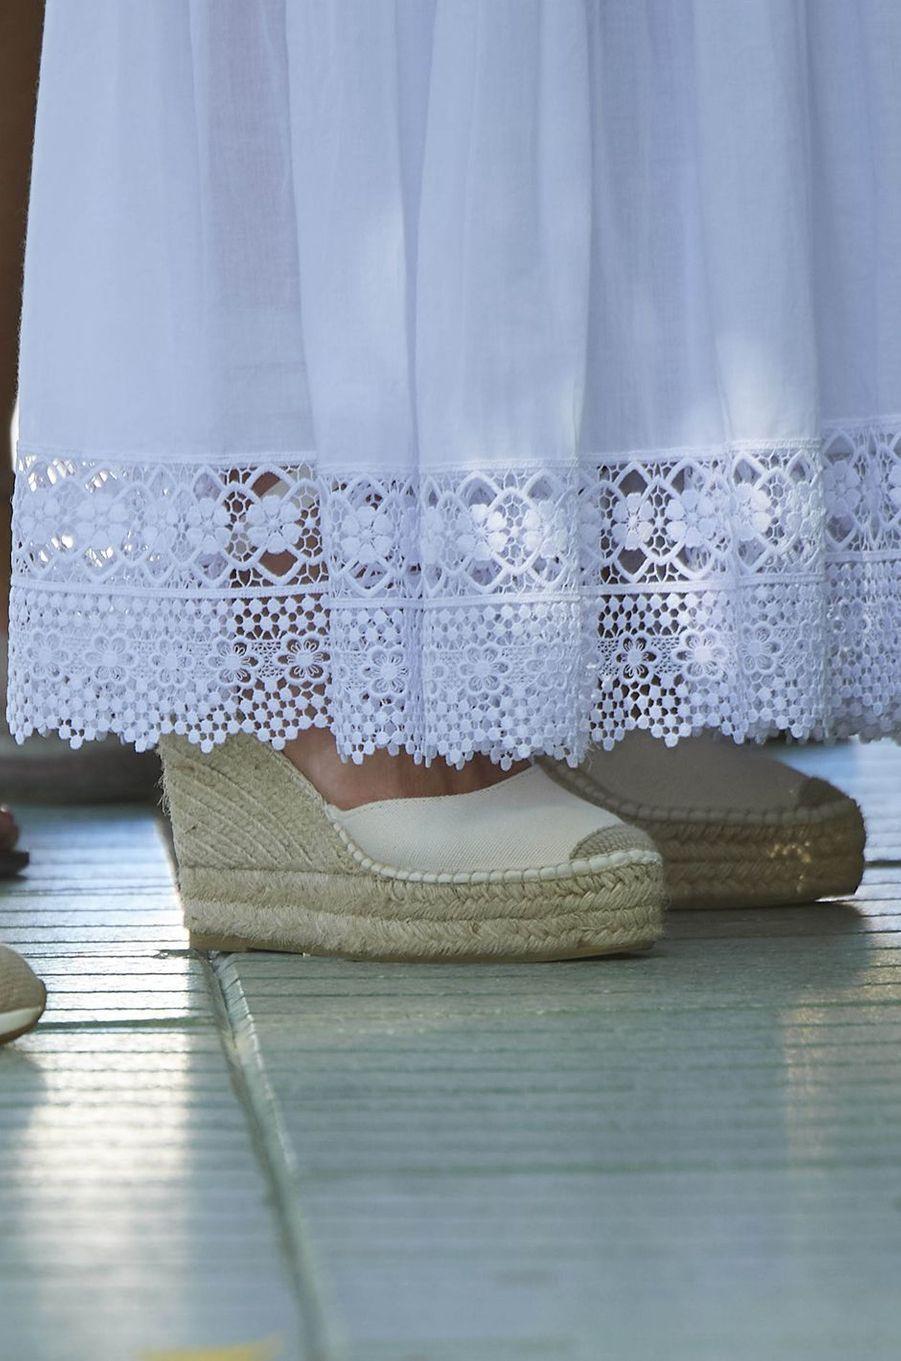 Le bas de la robe et les chaussures de la reine Letizia d'Espagne sur l'île d'Ibiza, le 17 août 2020